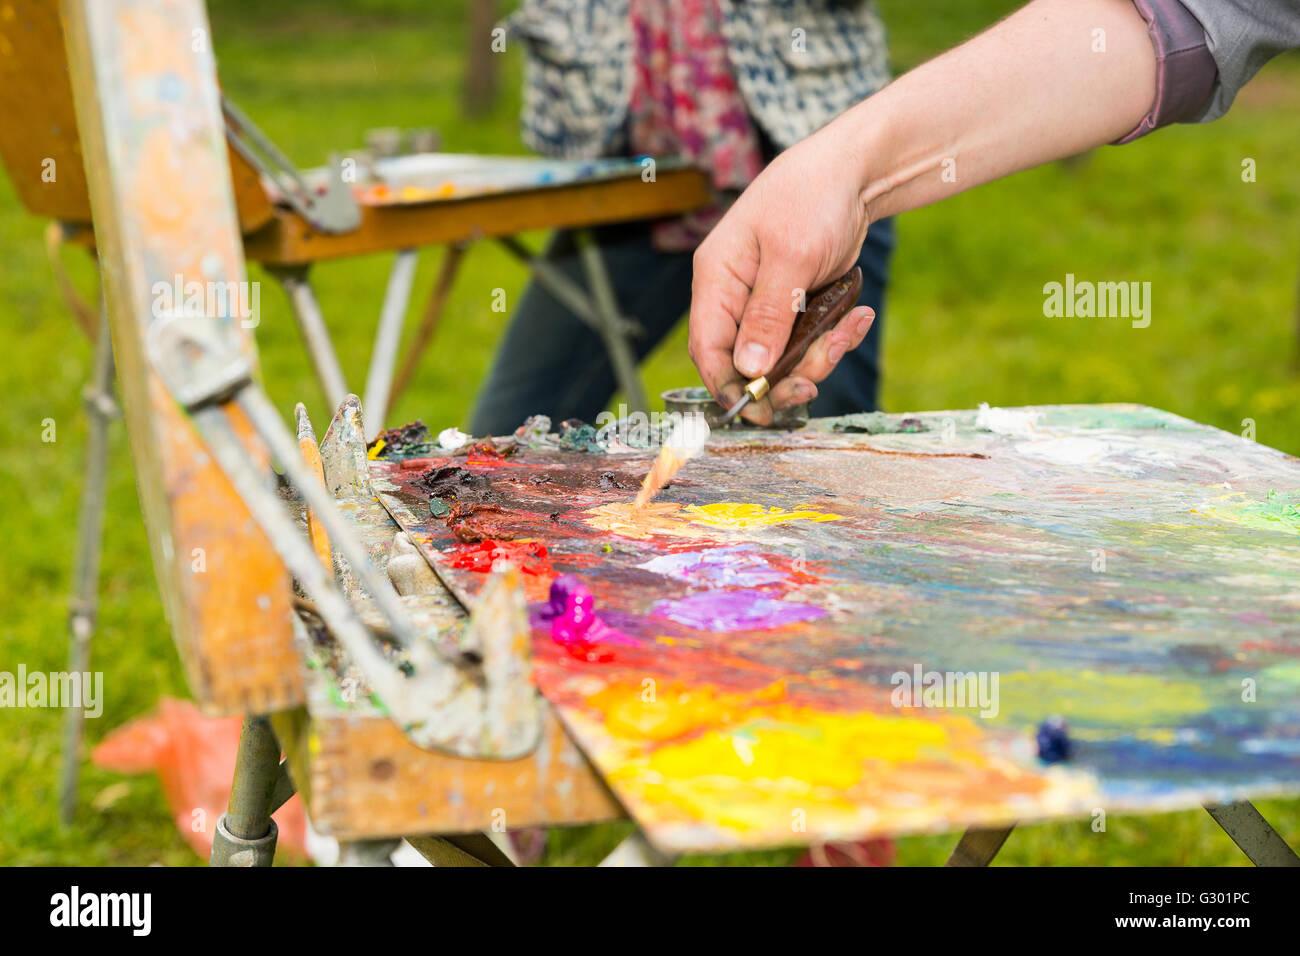 männliche hand mischen lichtfarben von Öl und acryl farbe mit einem